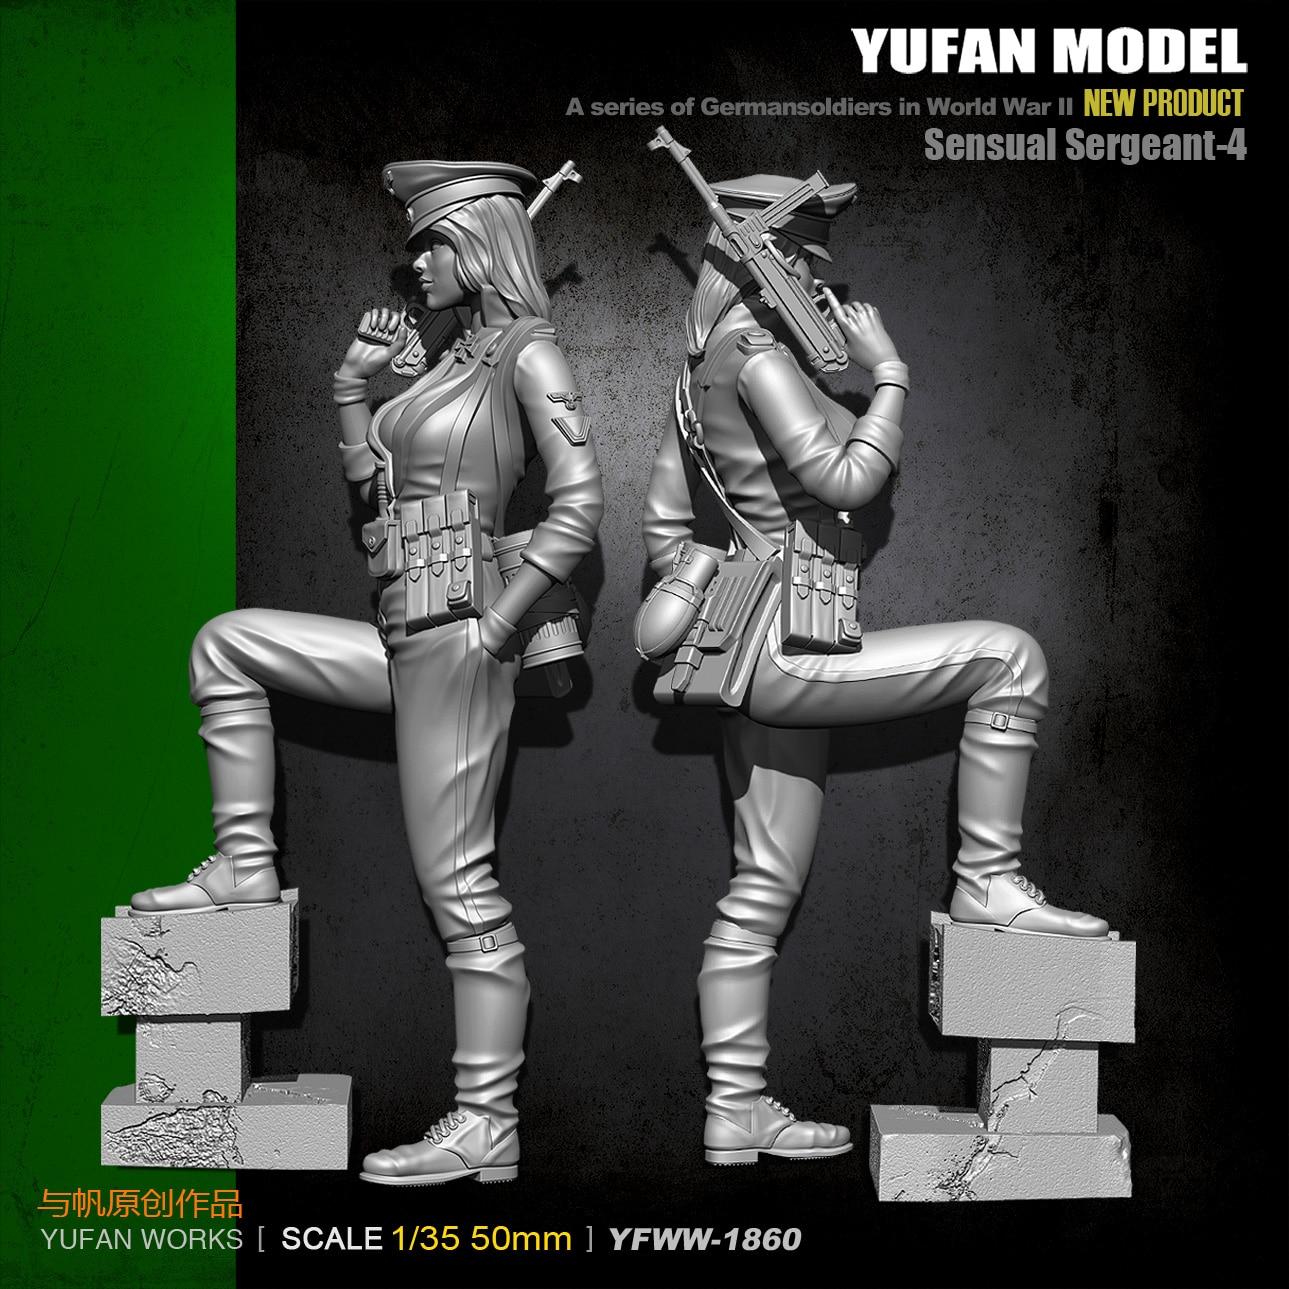 Yufan Model 1/35 Resin Soldier Figura And Sail Originality  German Army YFWW35-1860